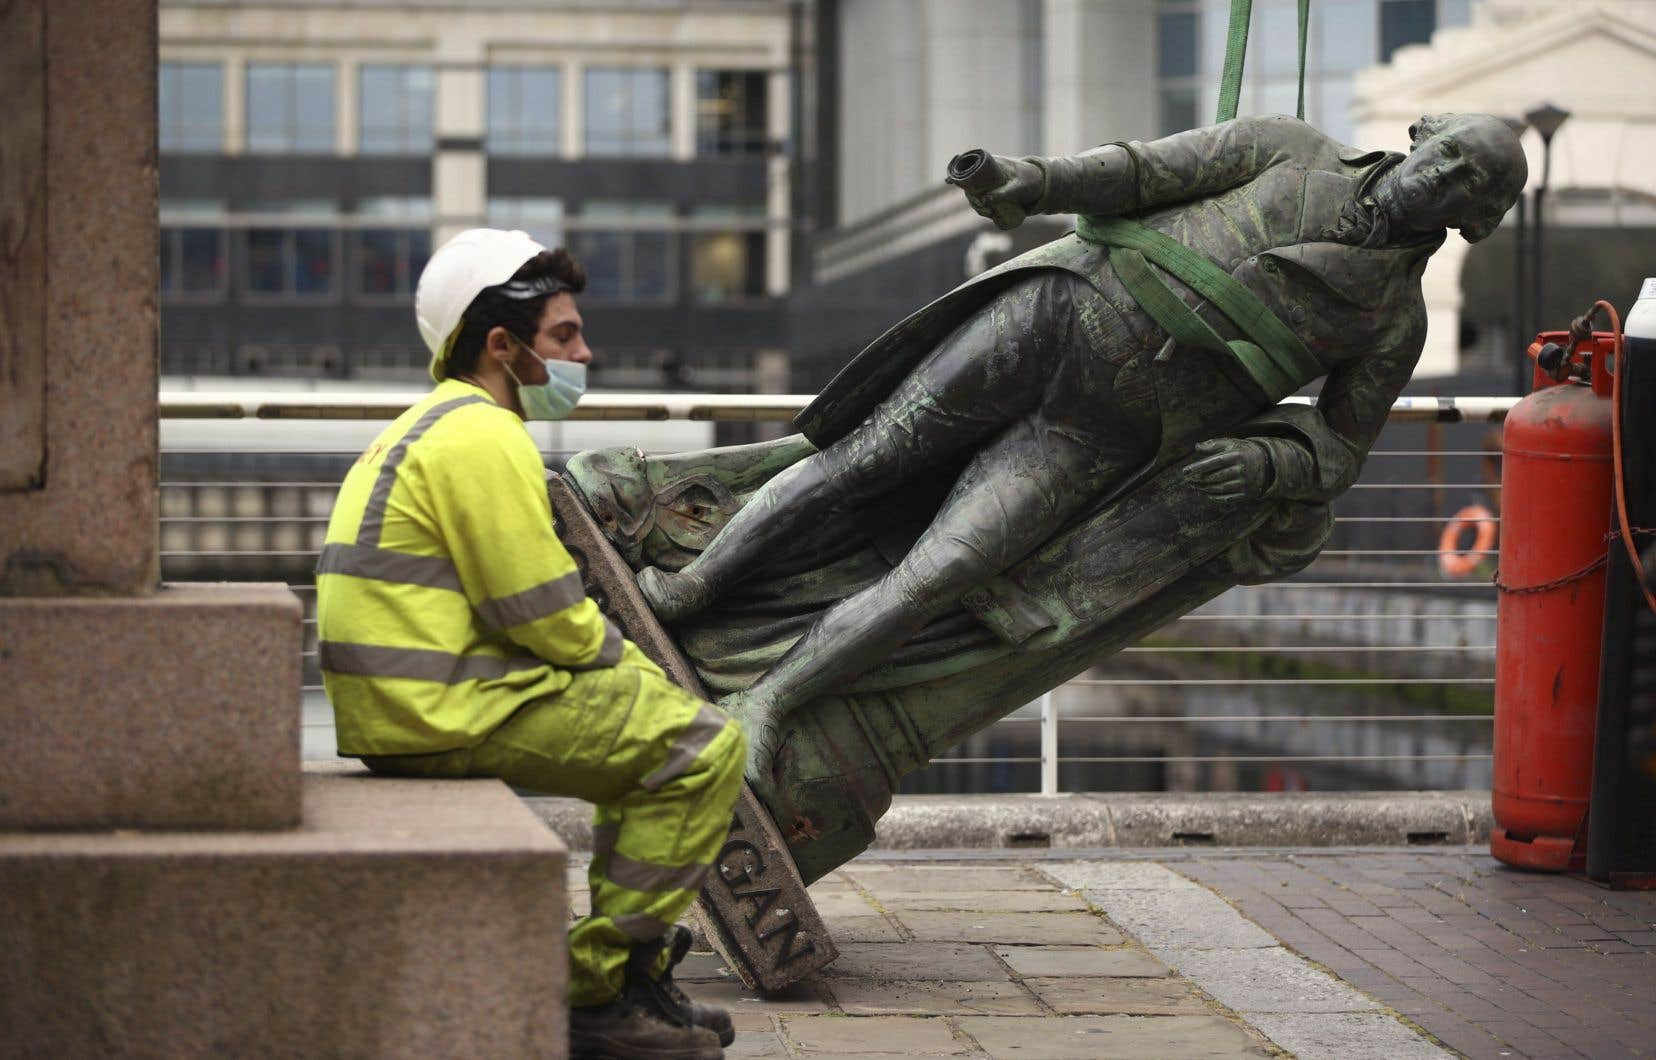 Un travailleur se repose après que la statue du propriétaire d'esclaves Robert Milligan a été démontée, à West India Quay, à l'est de Londres, le mardi 9 juin 2020, après qu'une manifestation a vu des militants anti-racisme abattre une statue d'un marchand d'esclaves à Bristol.